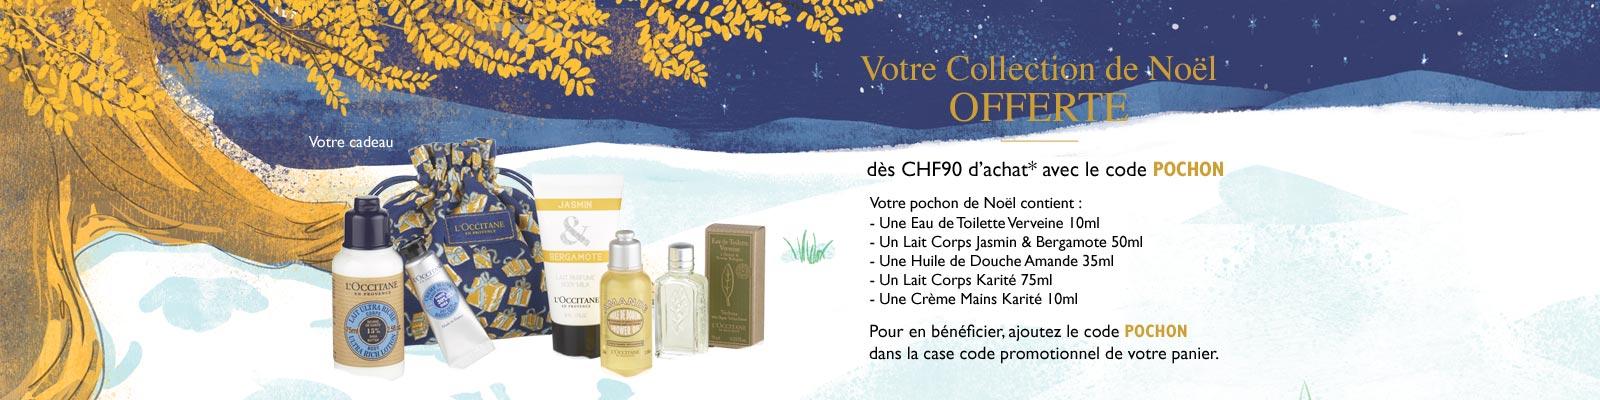 Collection de Noël- L'Occitane en Provence